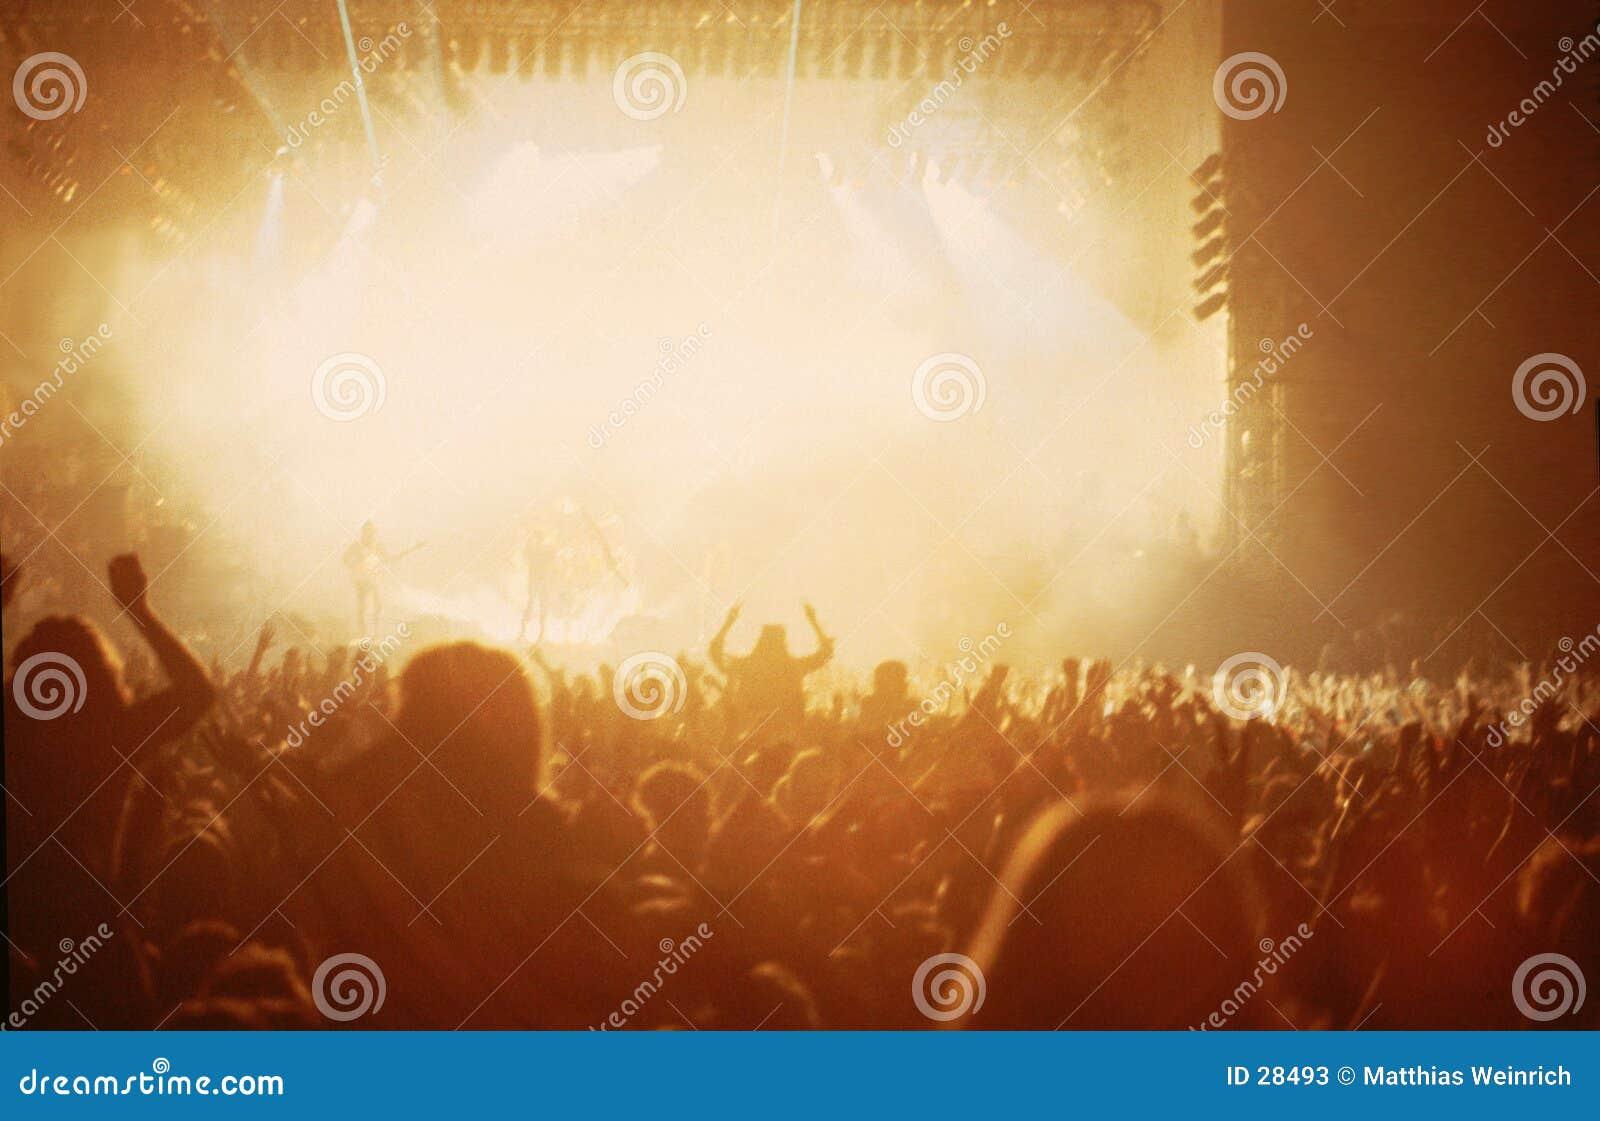 No concerto